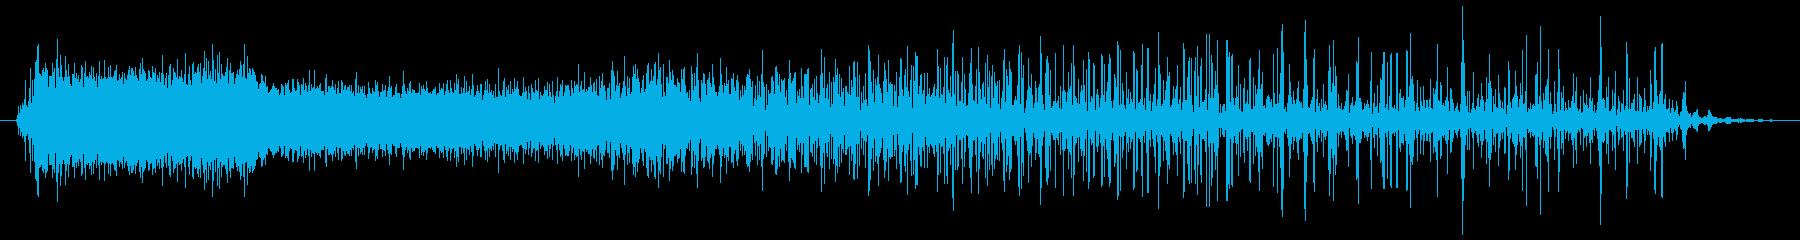 機械 ノイズクラックルドロップ02の再生済みの波形